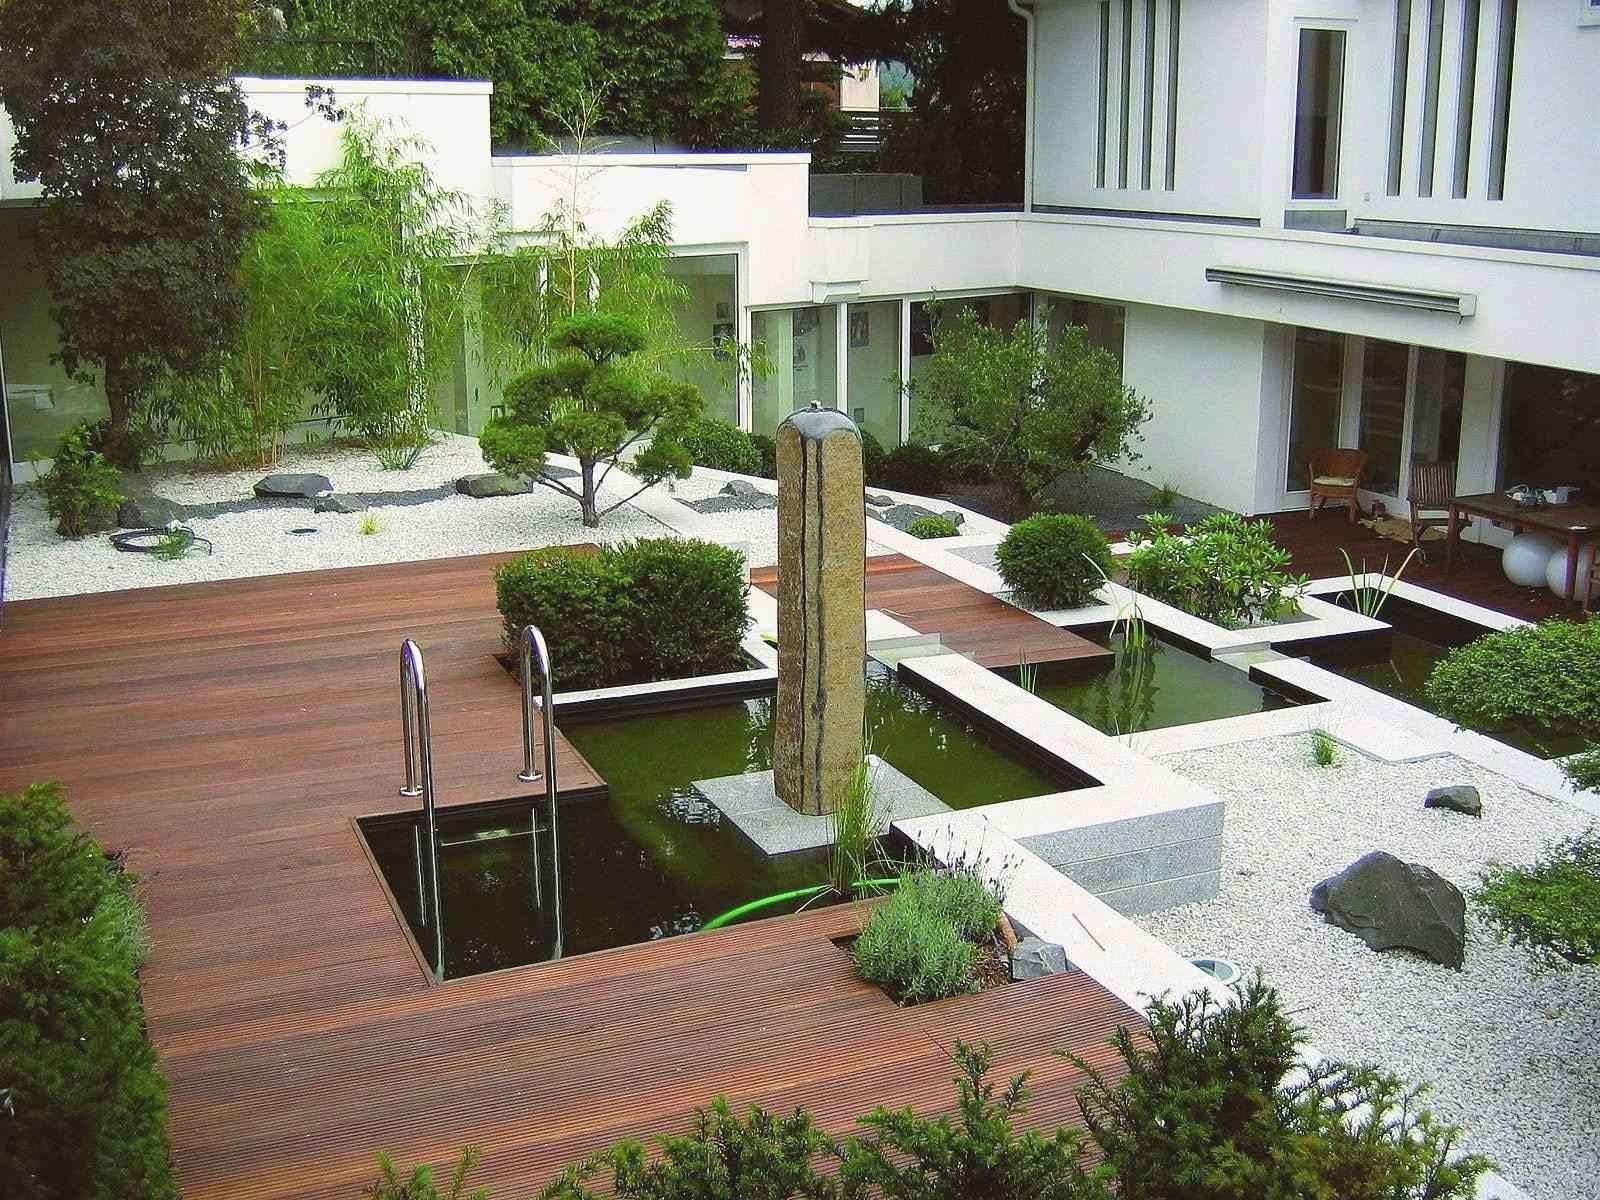 Deko Ideen Für Den Garten Frisch 32 Einzigartig Loungemöbel Für Den Garten